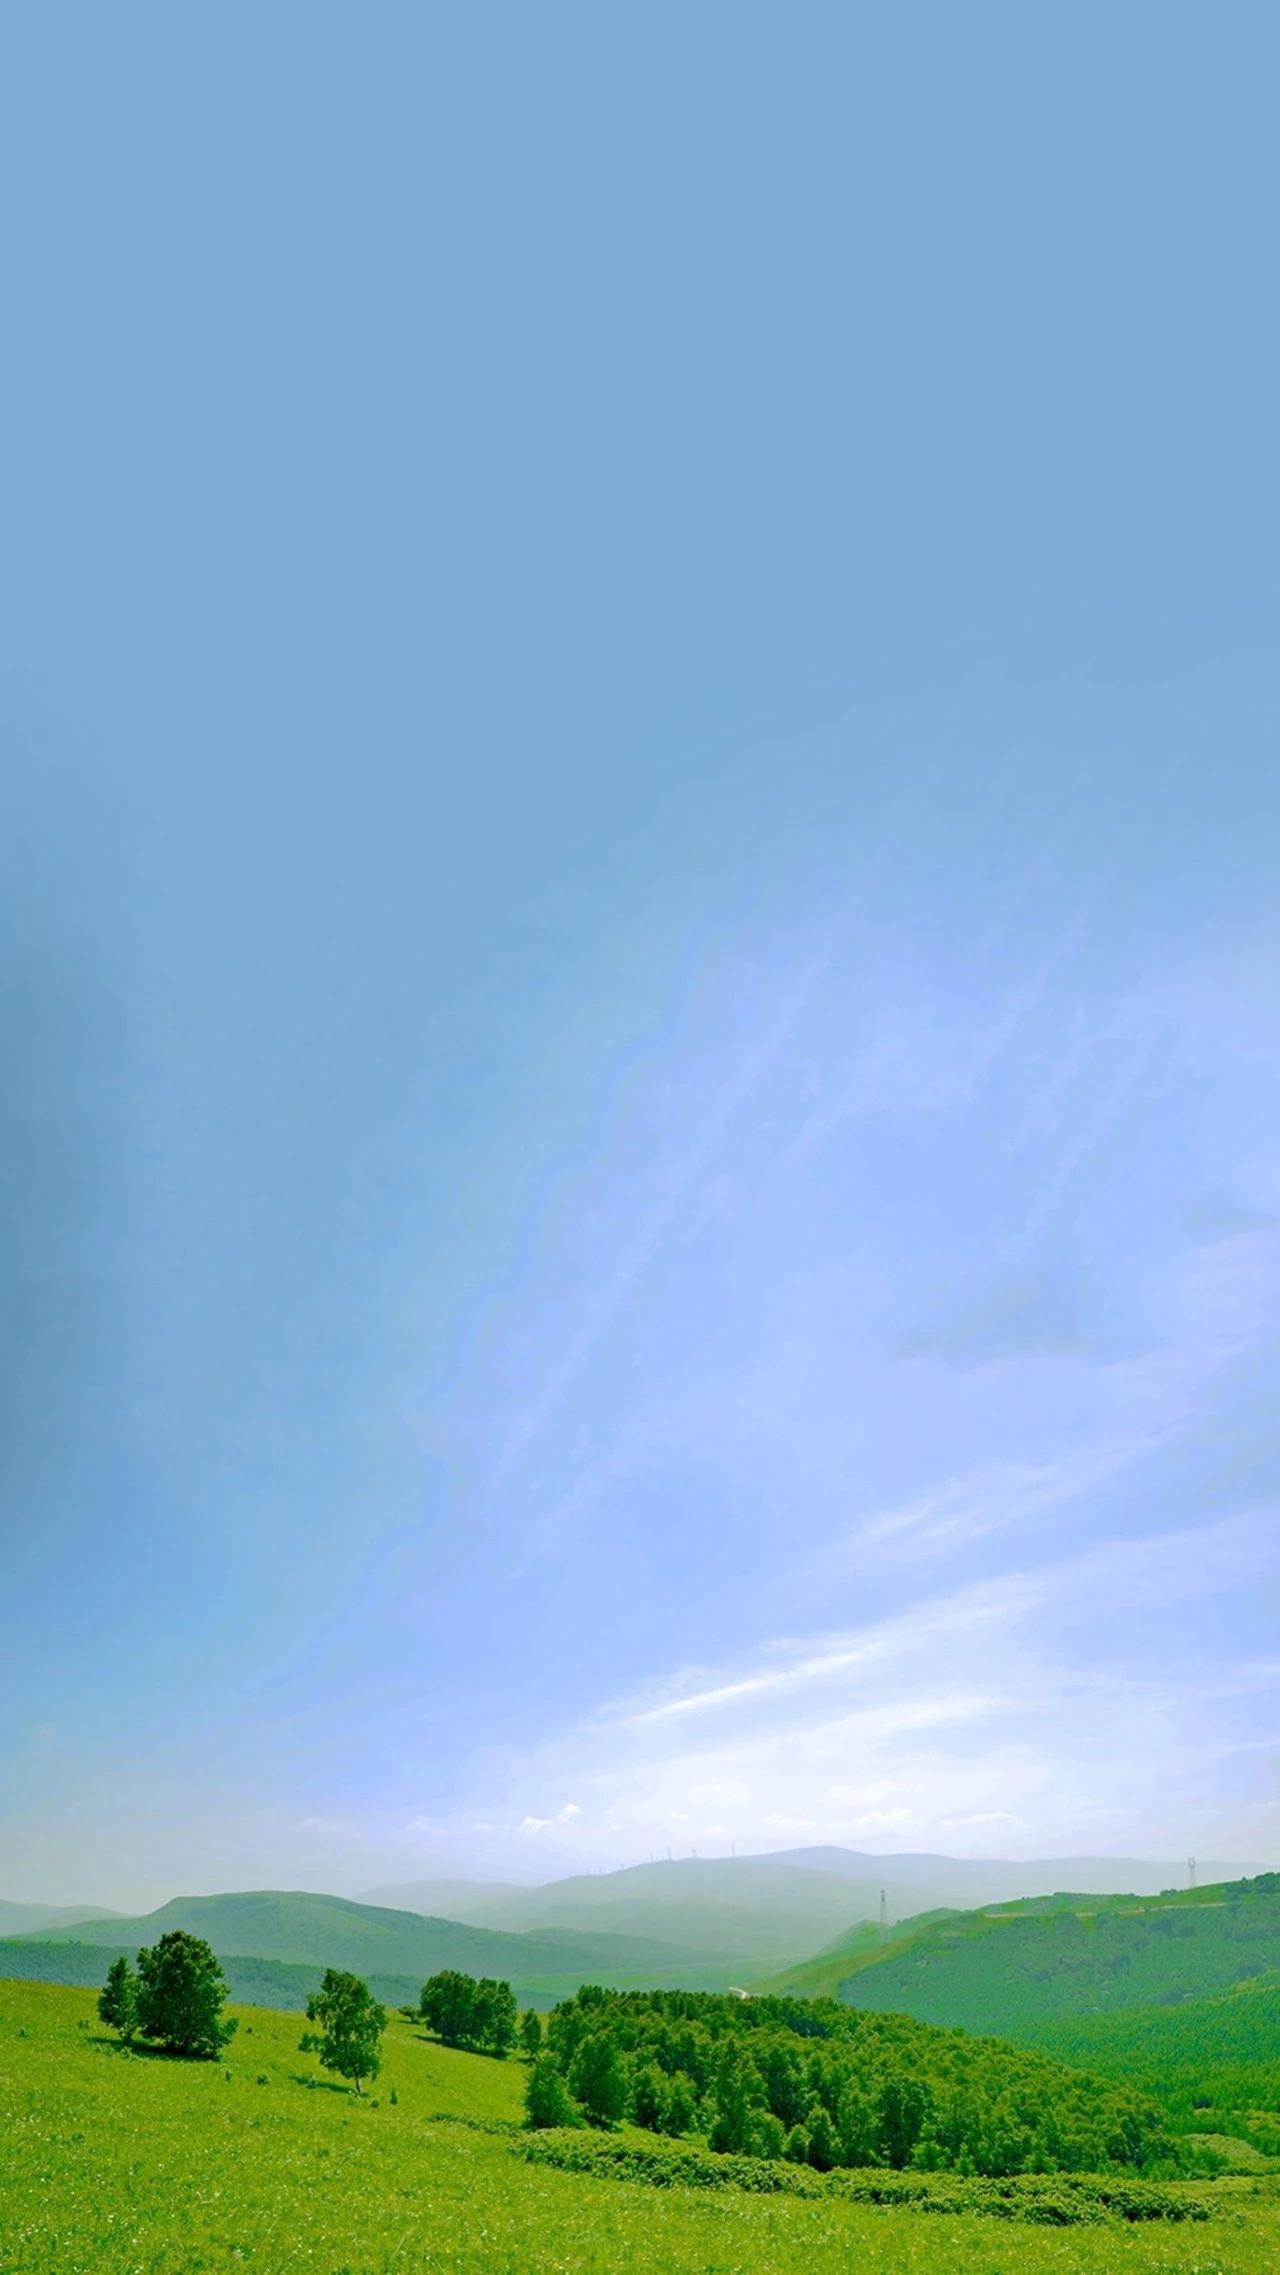 唯美小清新蓝天绿林全面屏手机壁纸